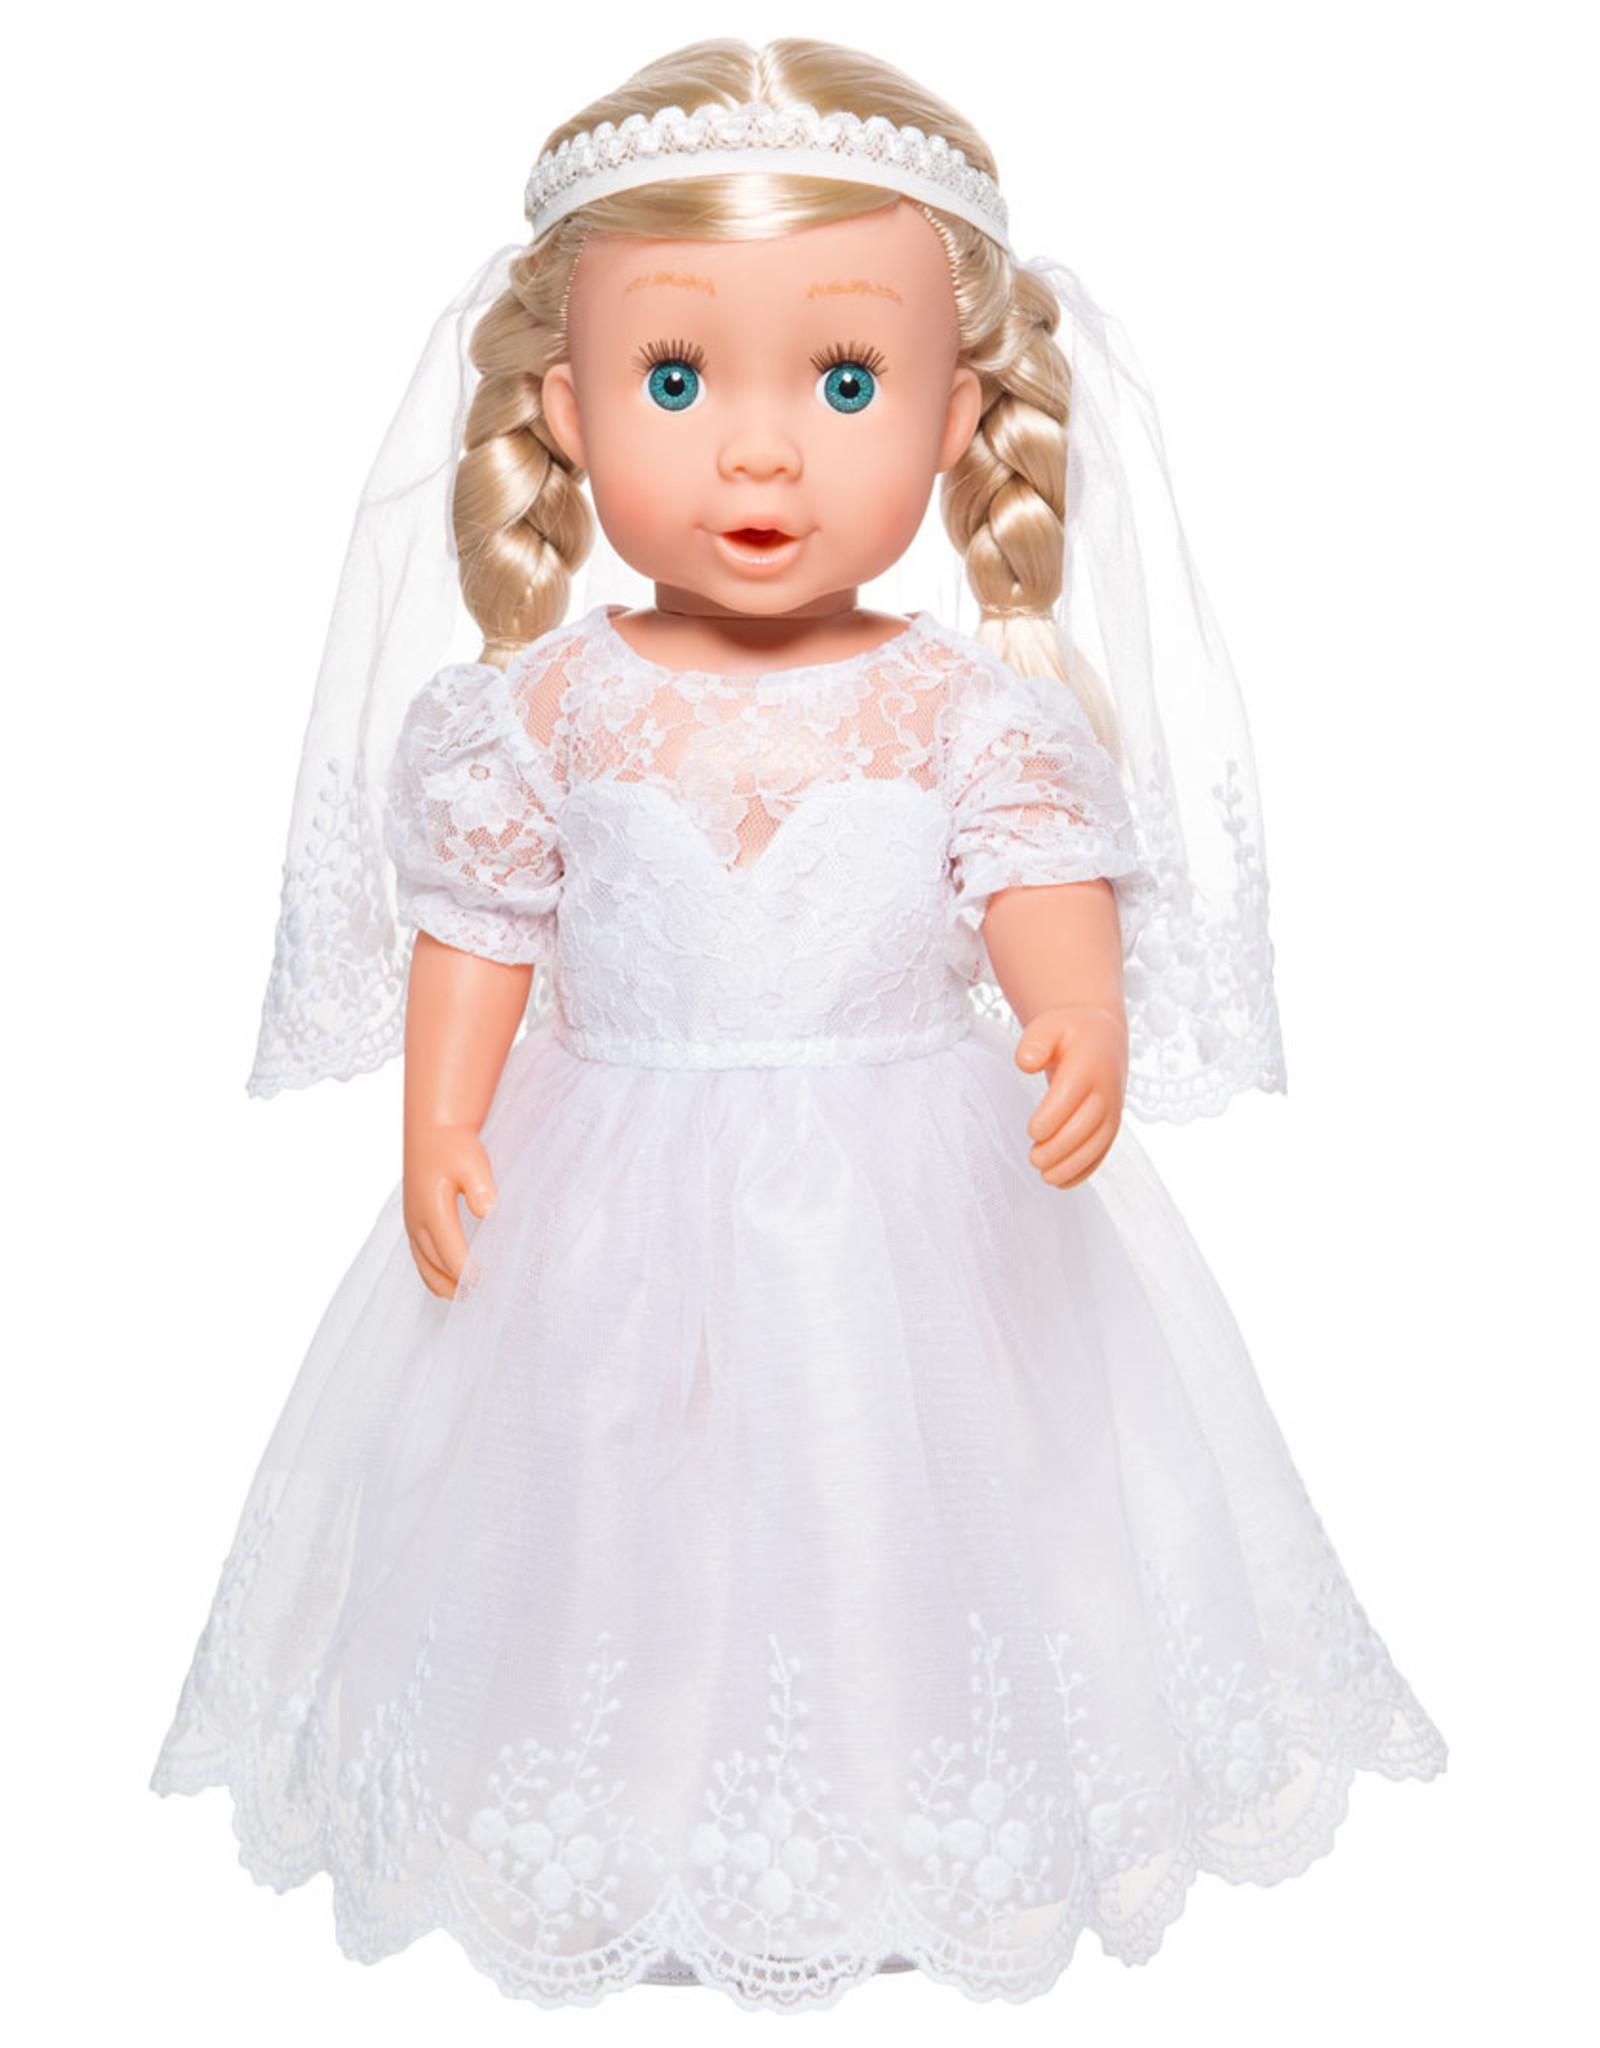 Heless Bruidsjurk voor Gordi Doll